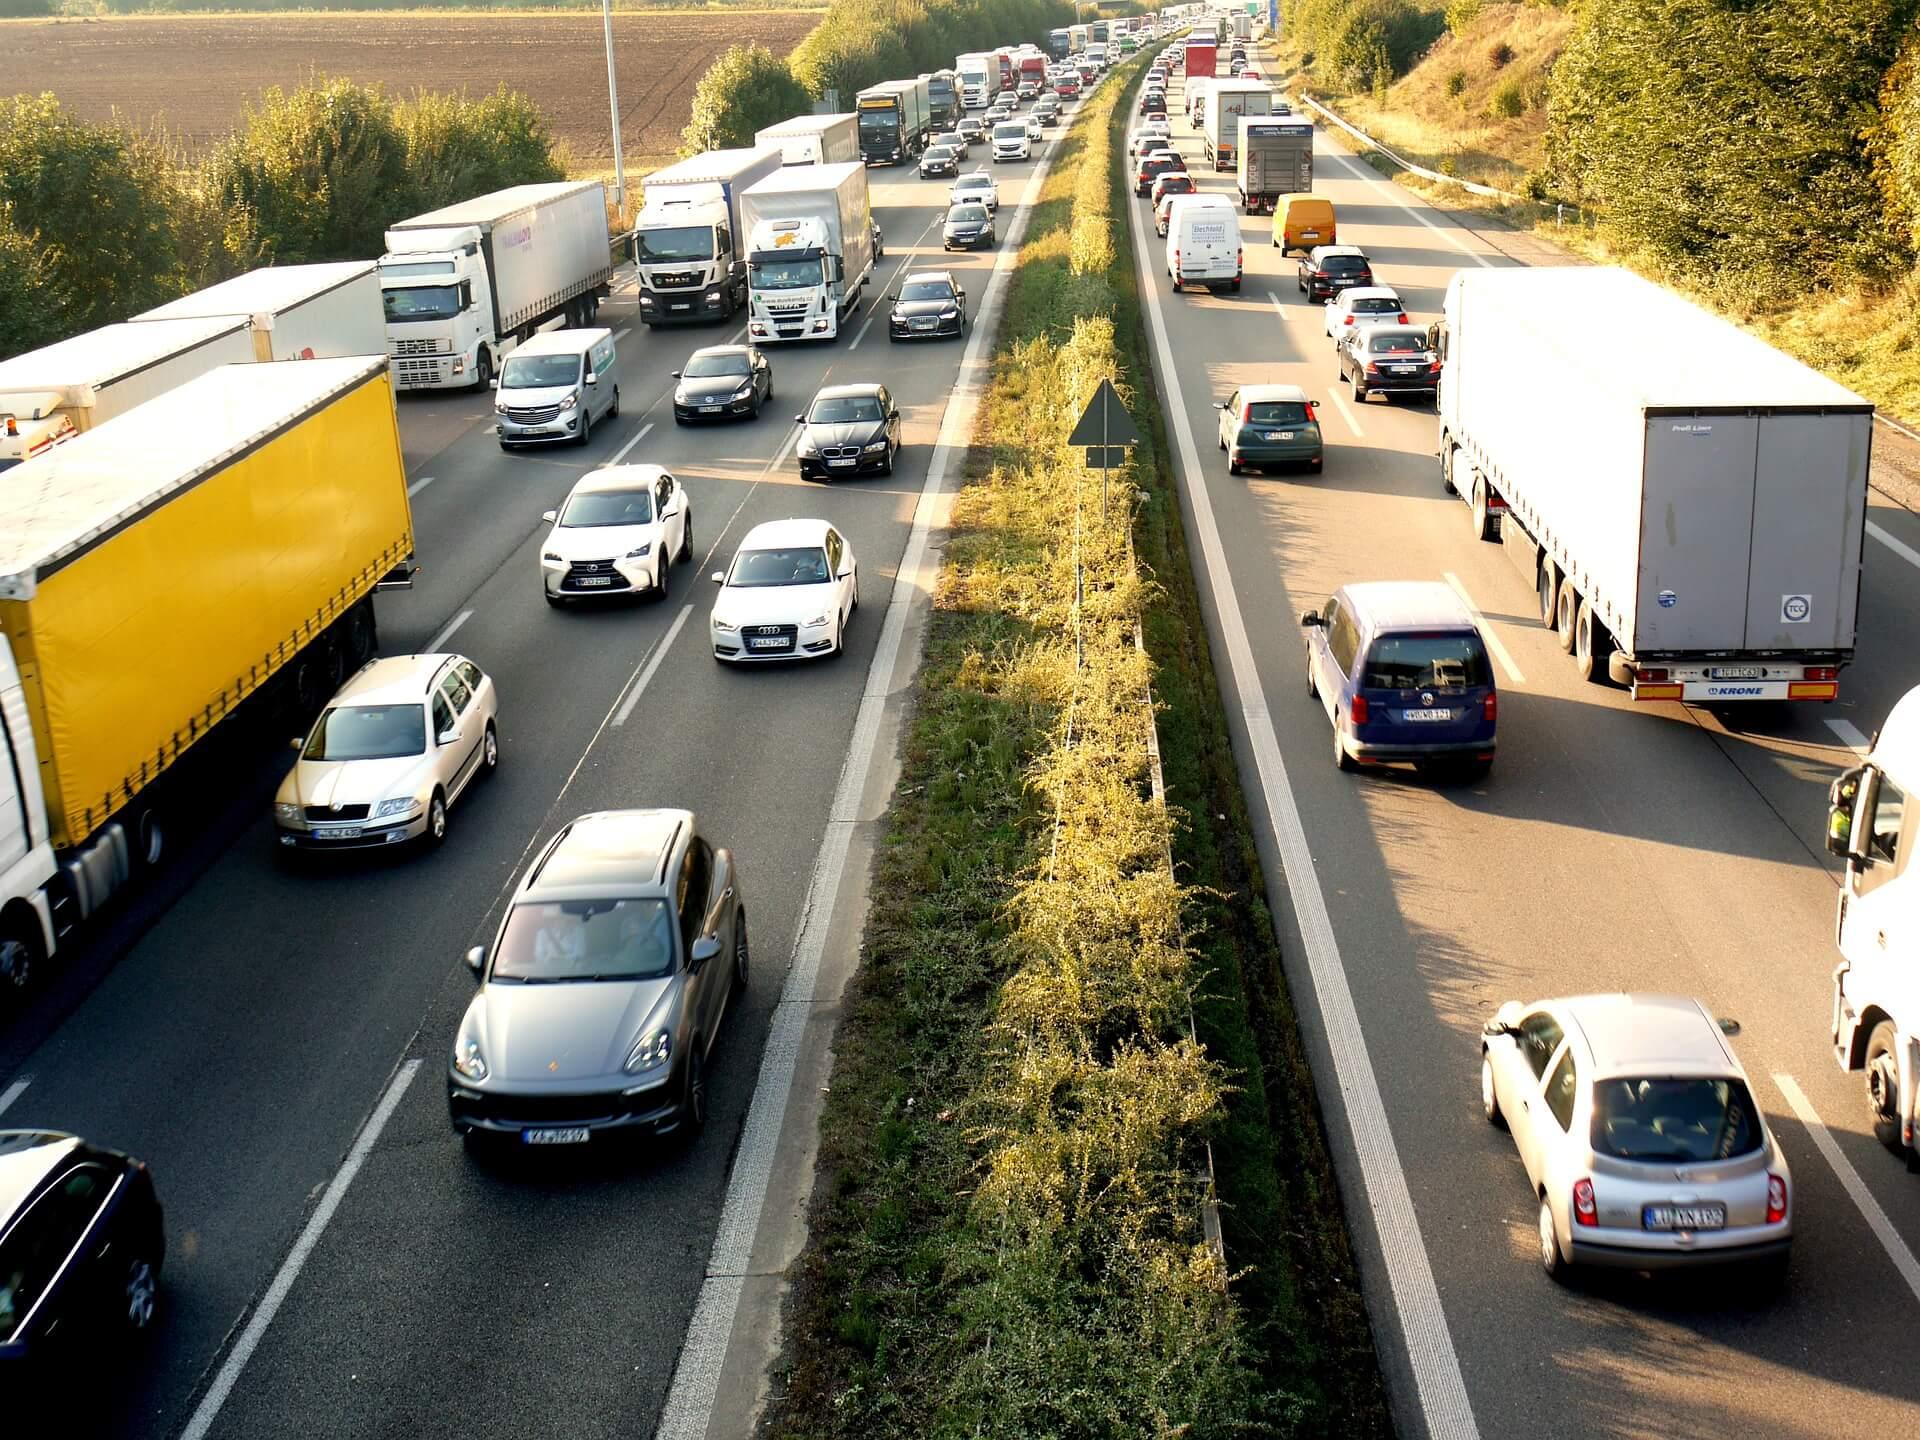 Tagtäglich auf der Autobahn: Stau. Jochen Stay fordert eine Verkehrswende. Foto: Pixabay